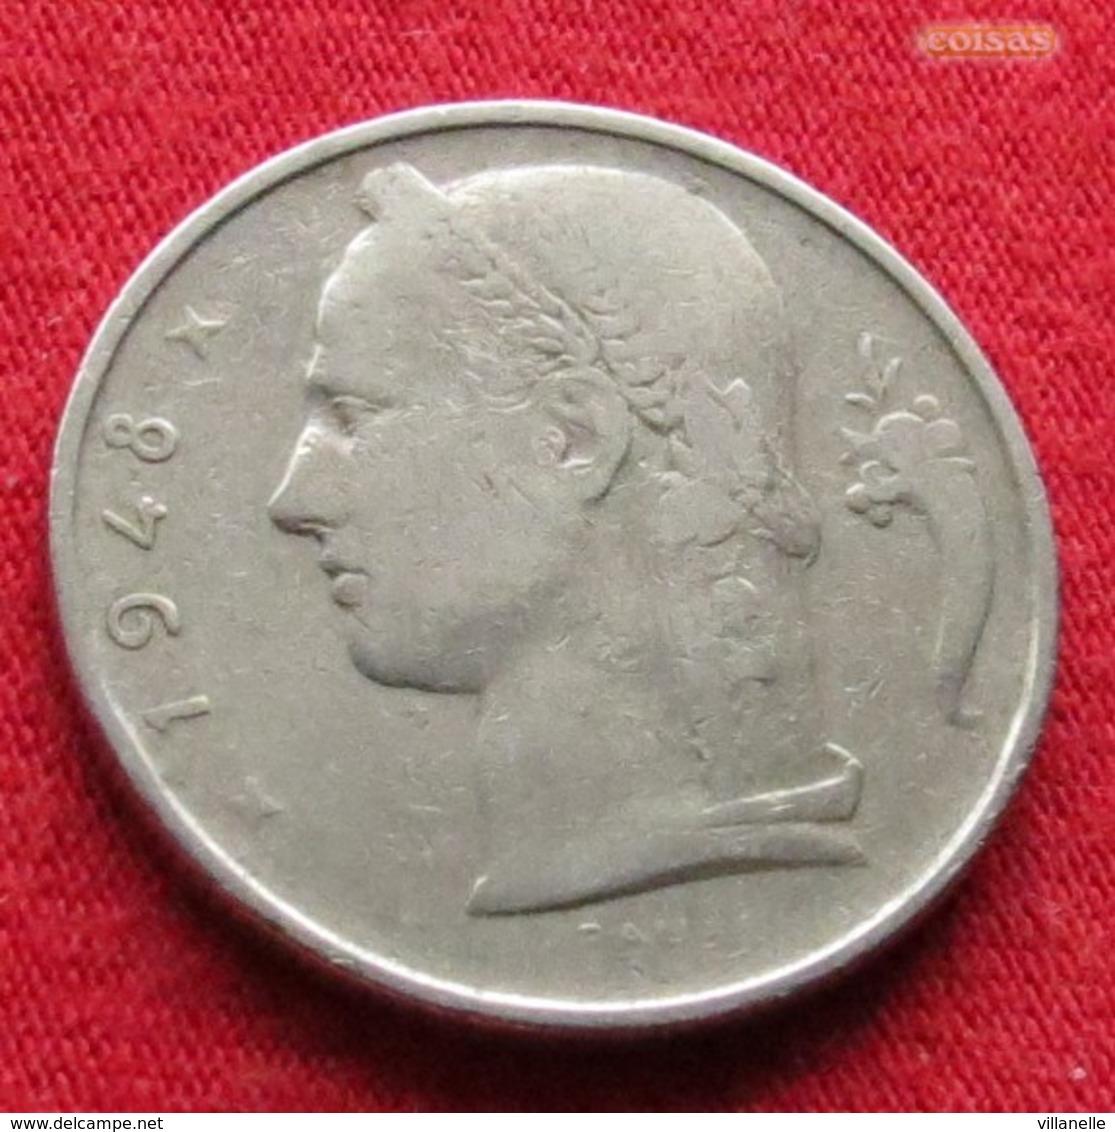 Belgium 5 Francs 1948 KM# 135.1 Belgie Belgica Belges Belgique - Belgique